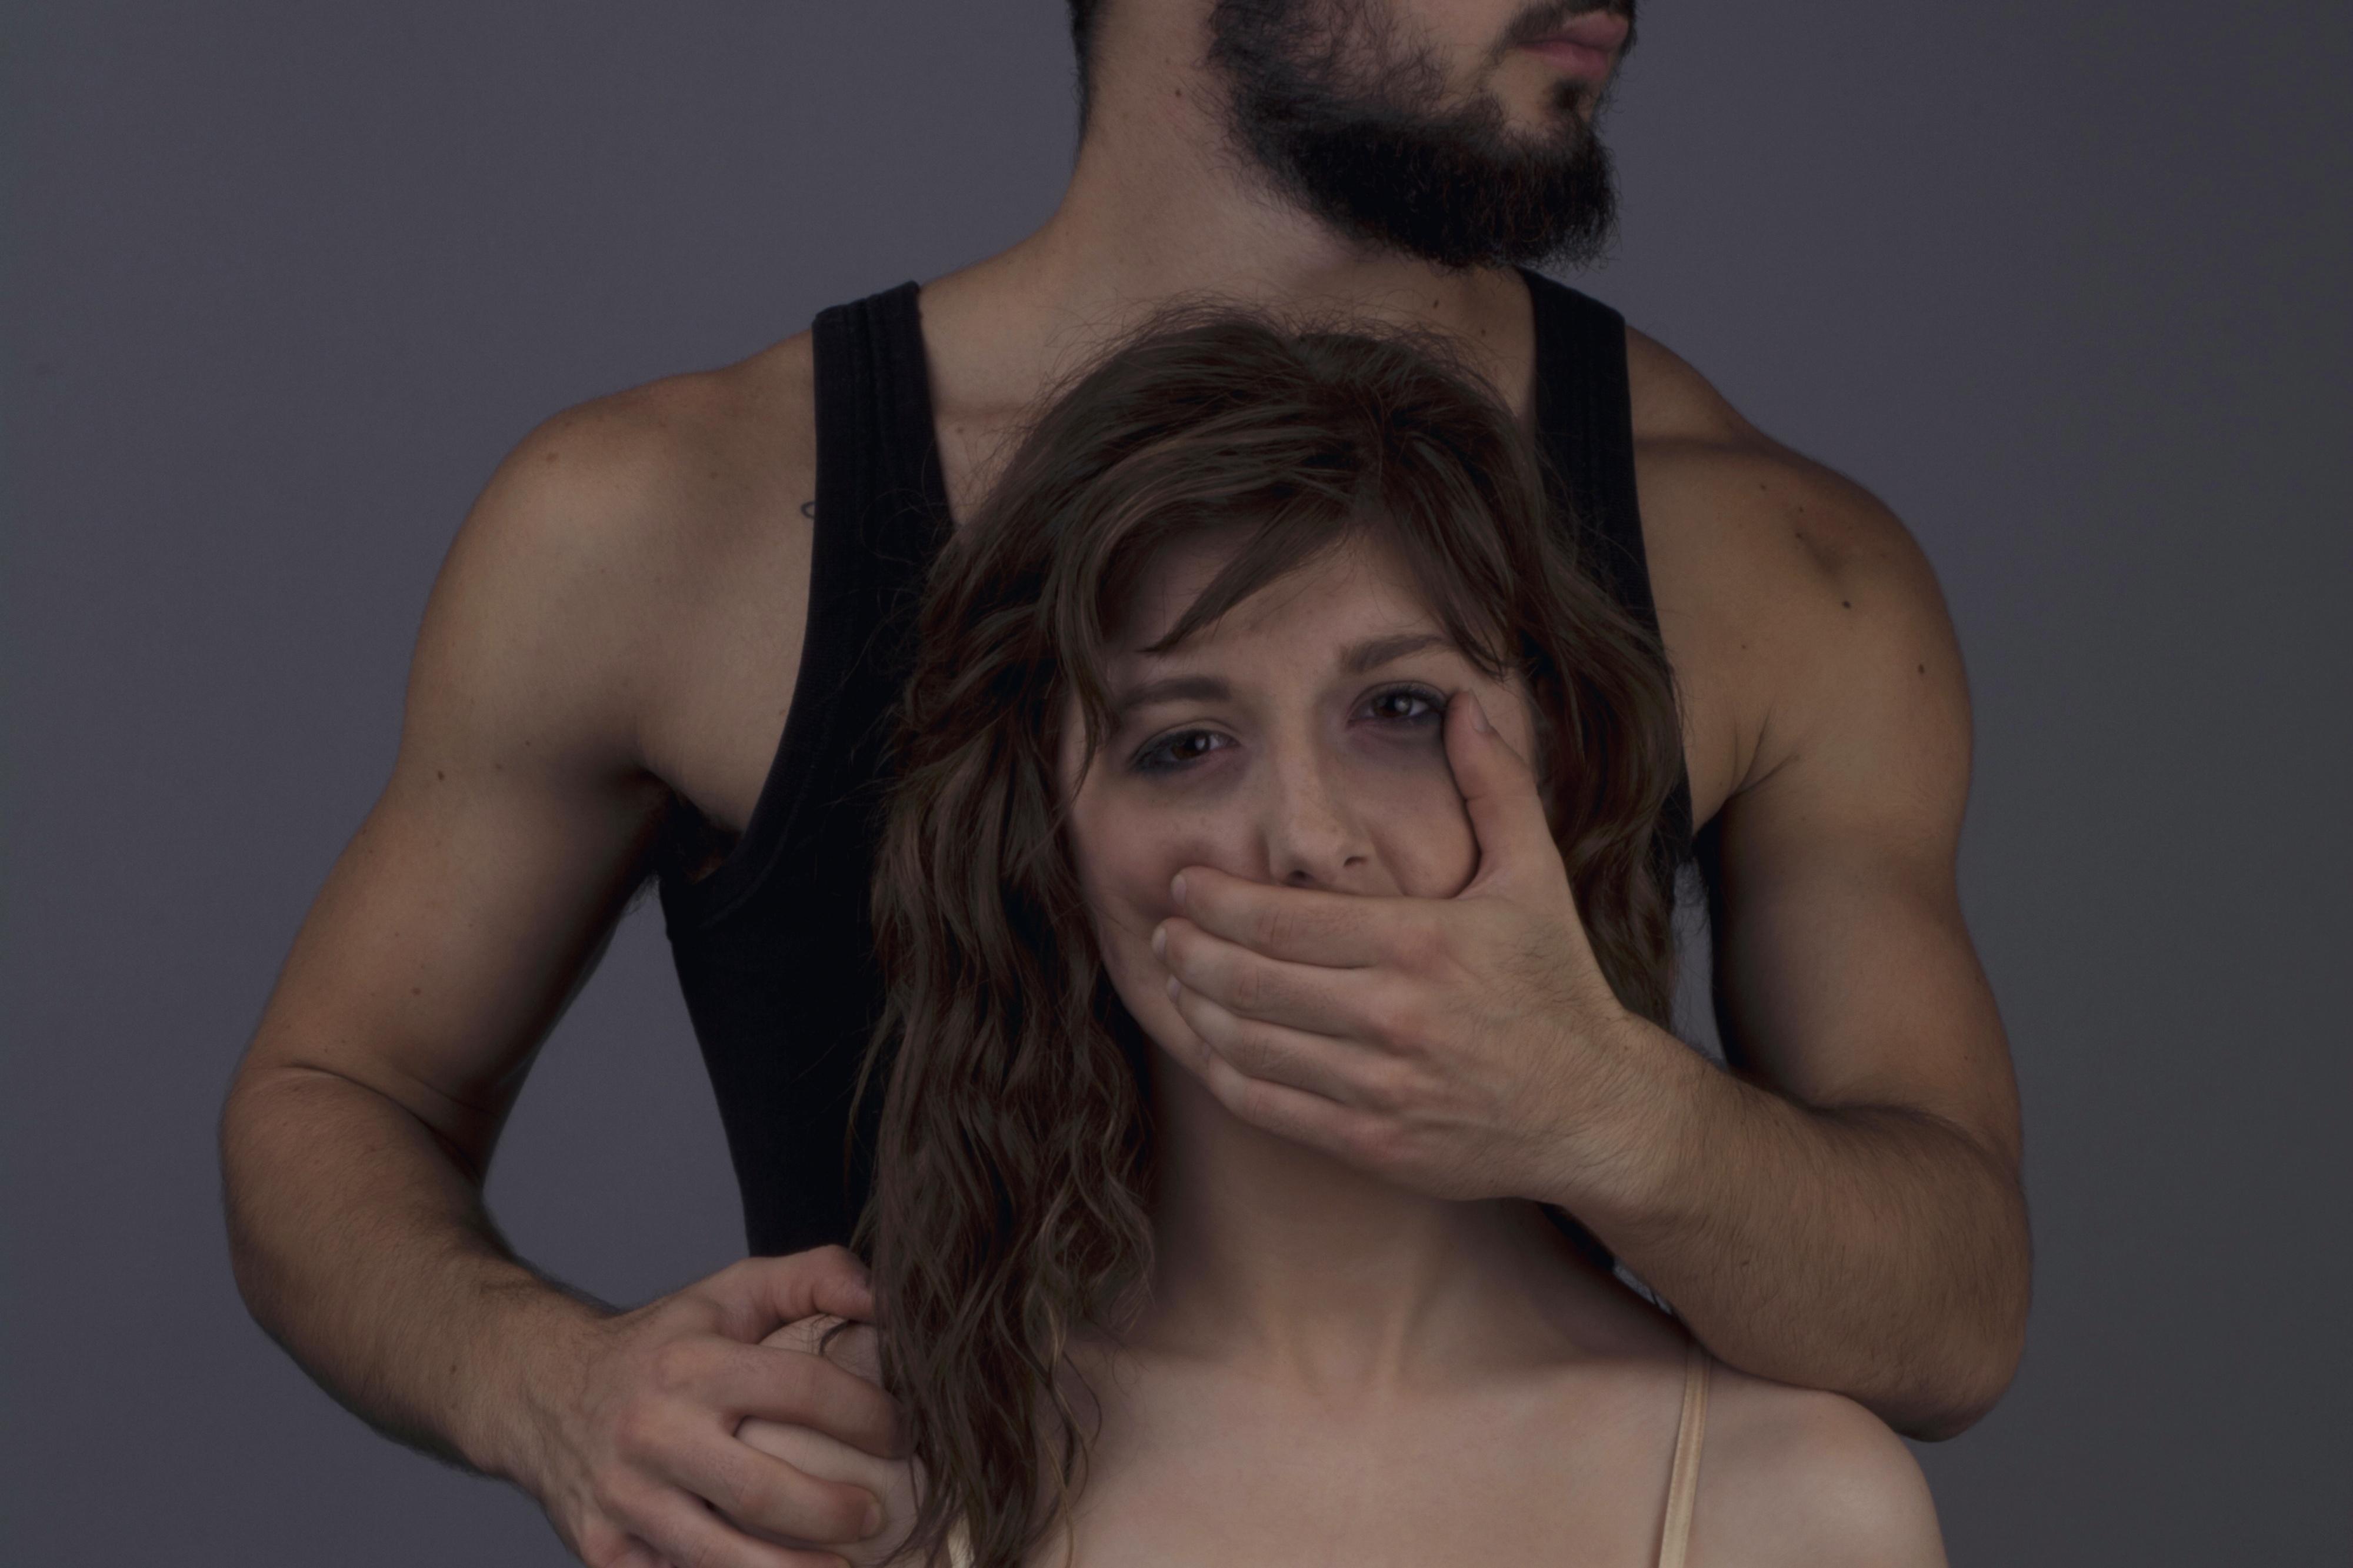 Domácí násilí - násilí na ženách